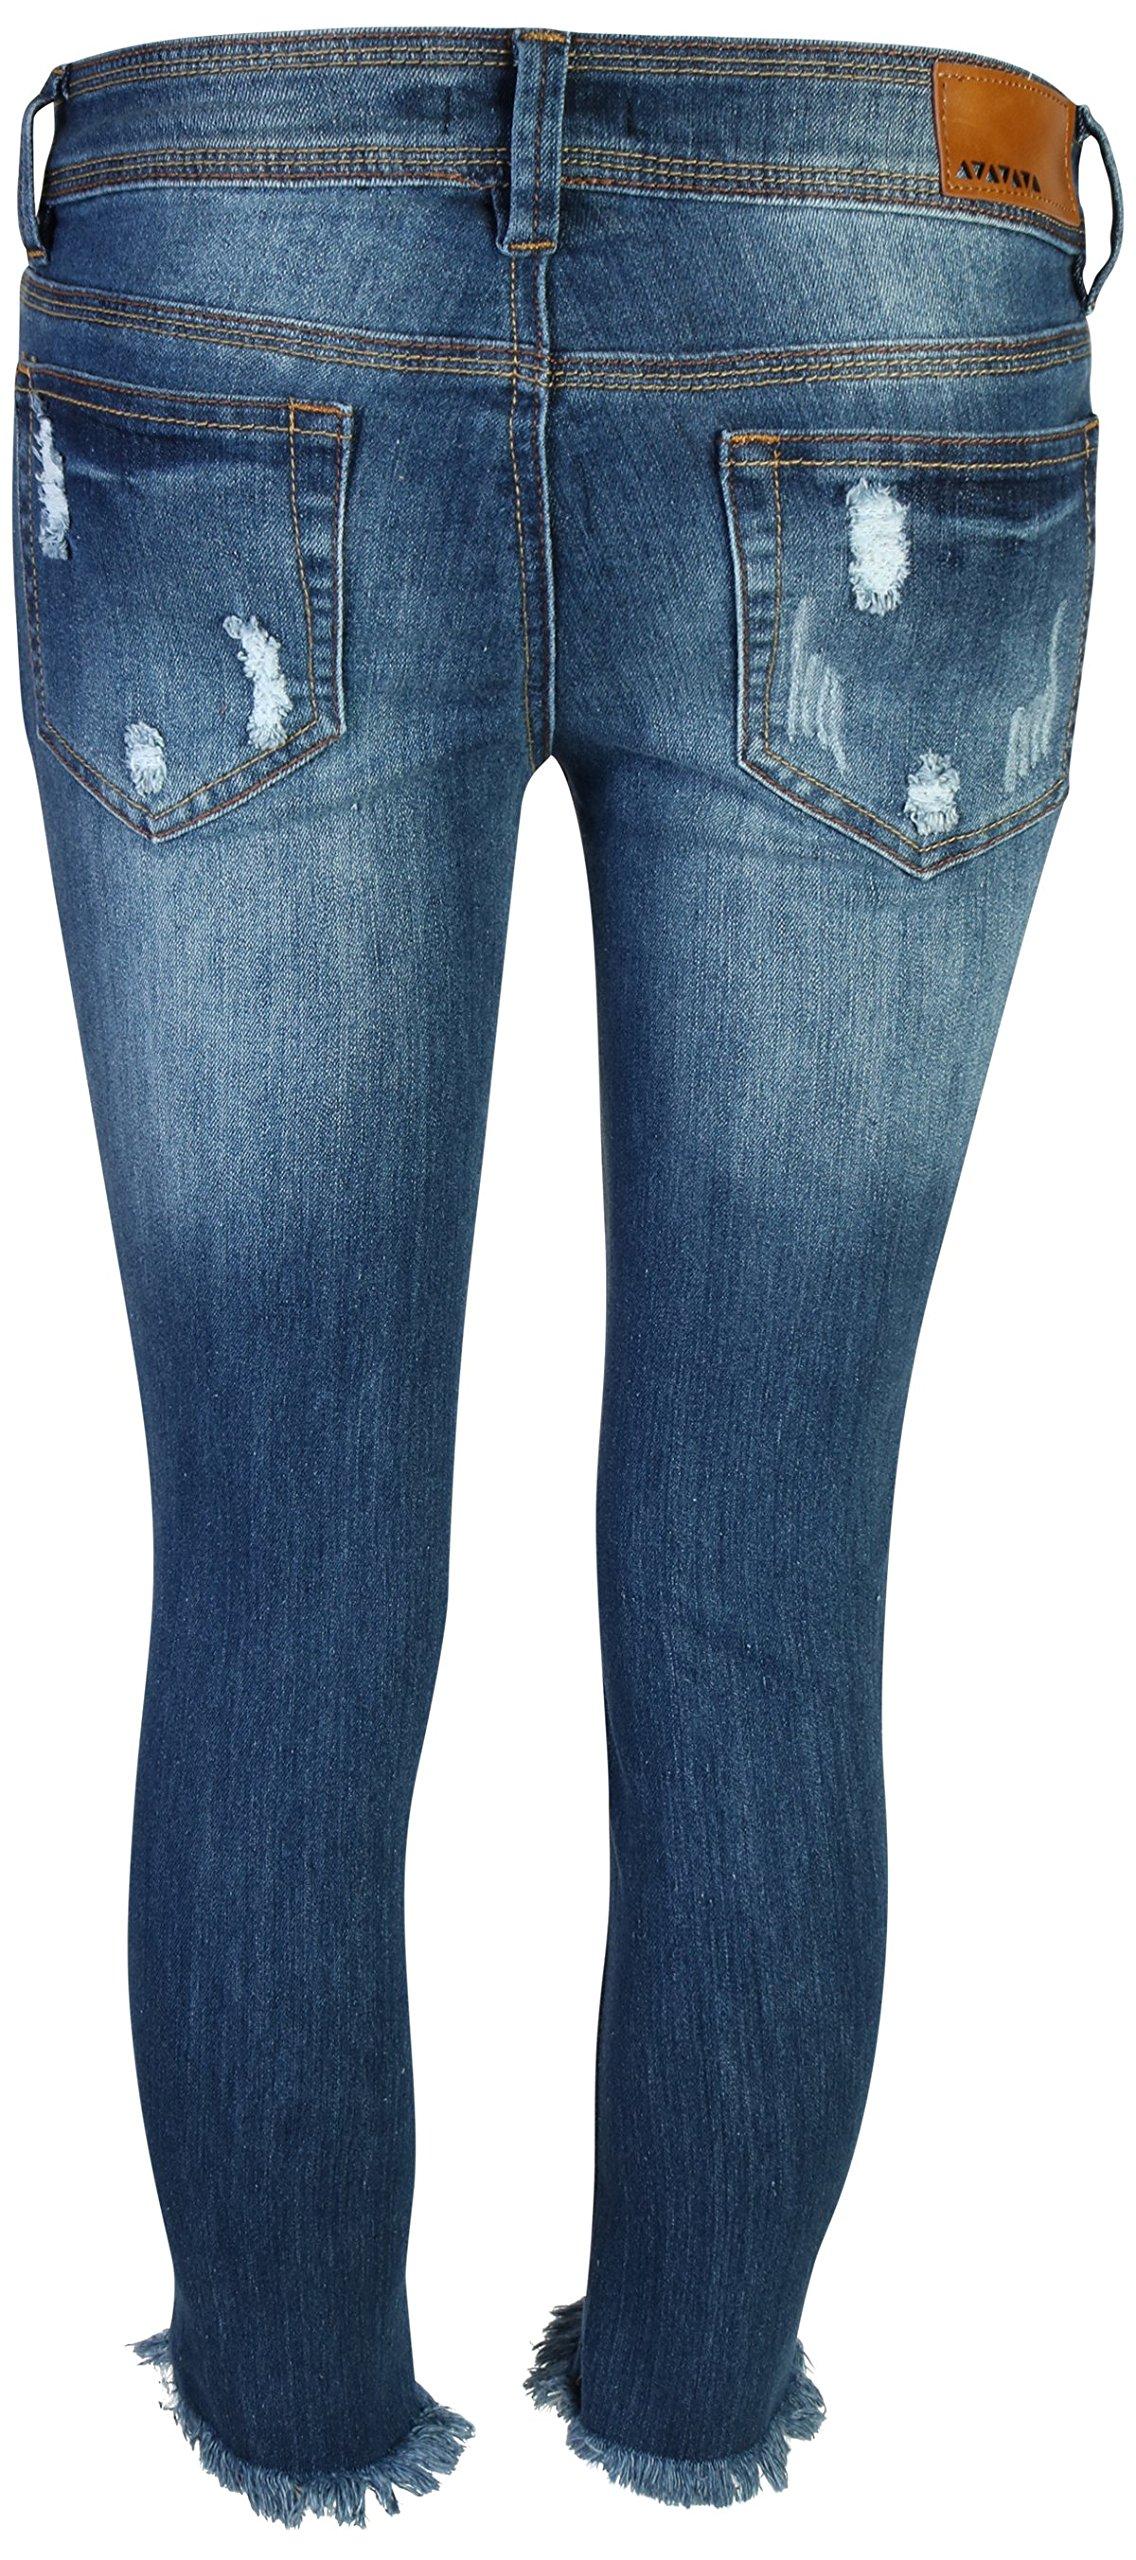 dollhouse Women's Distressed Stretch Frayed Hem Skinny Capri Jeans, Dark, Size 14' by dollhouse (Image #4)